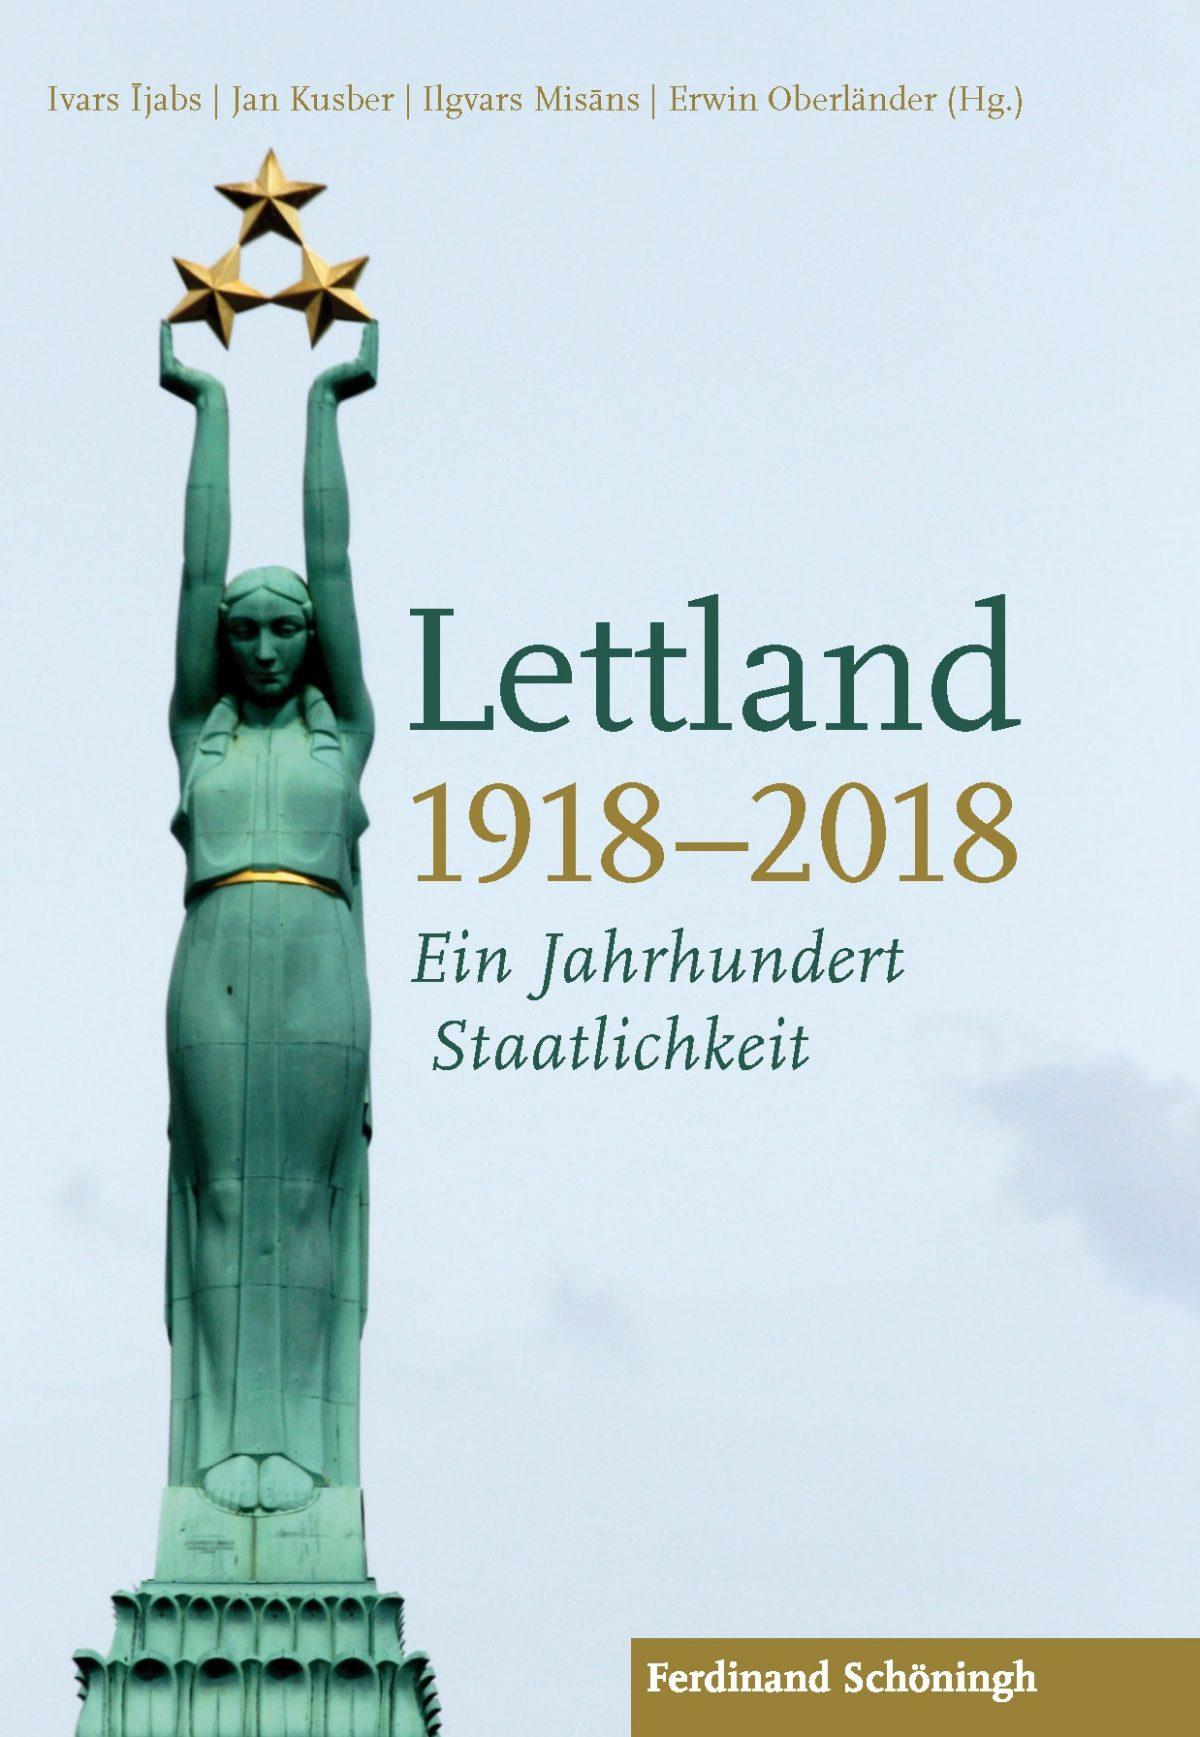 Buchcover Lettland 1918-2018. Ein Jahrhundert Staatlichkeit.